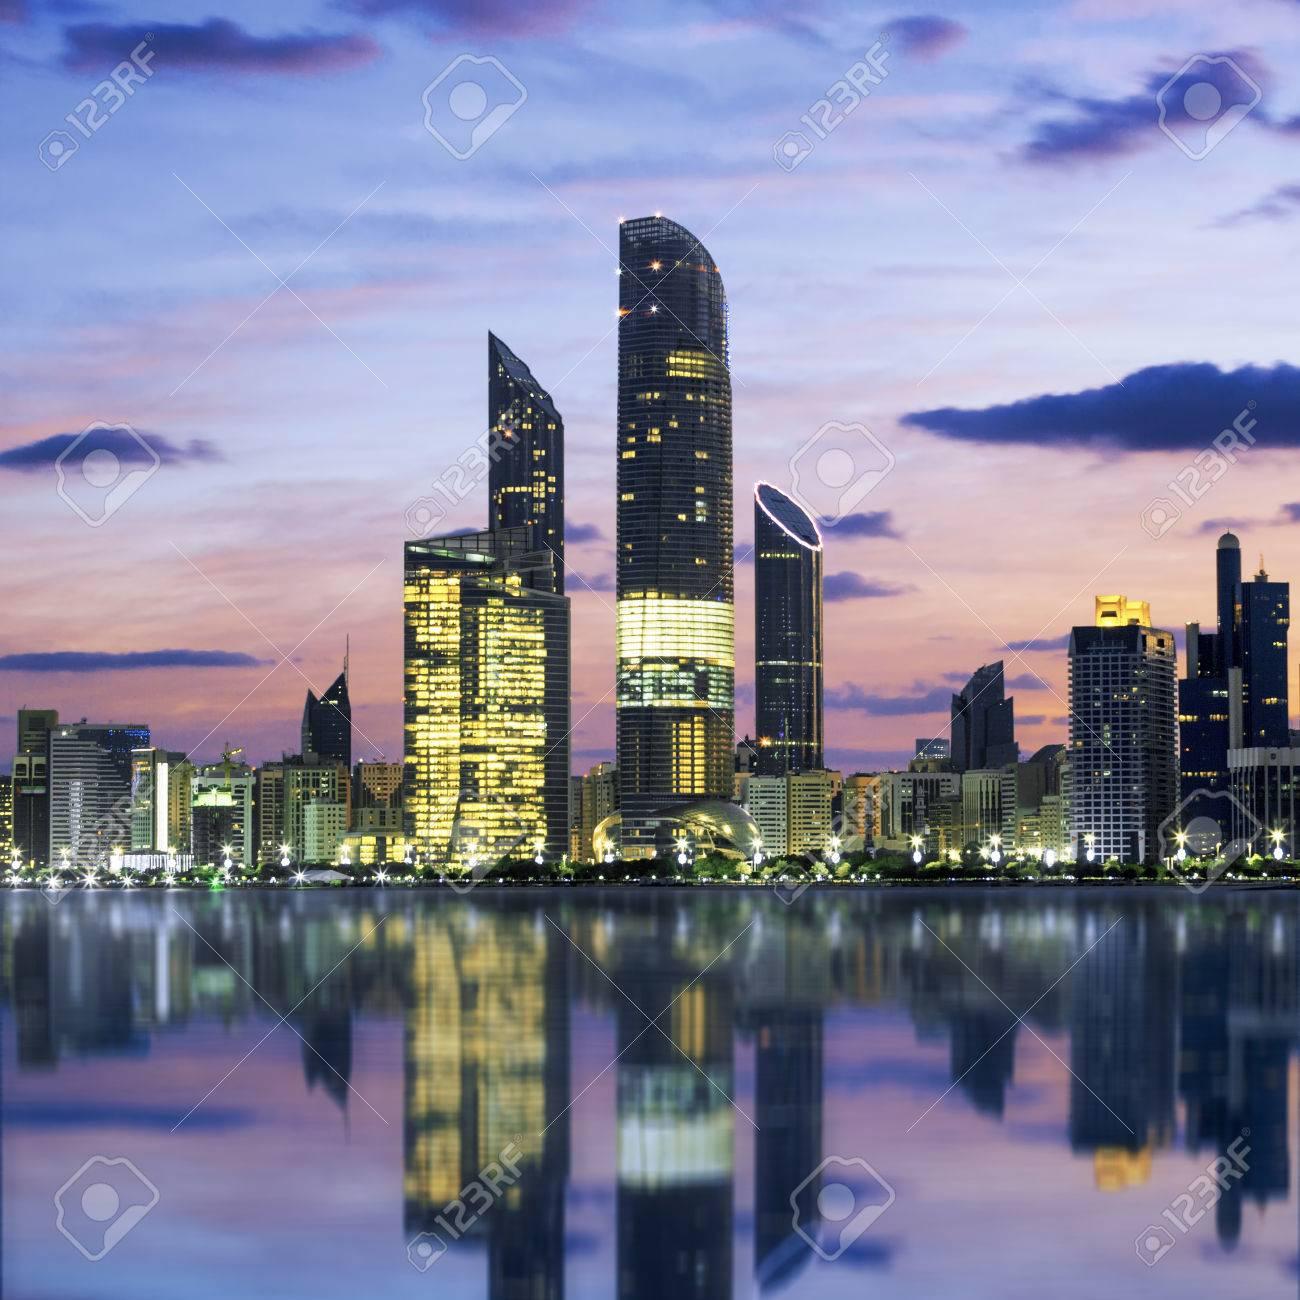 Abu Dhabi Skyline at sunset, United Arab Emirates - 36423282